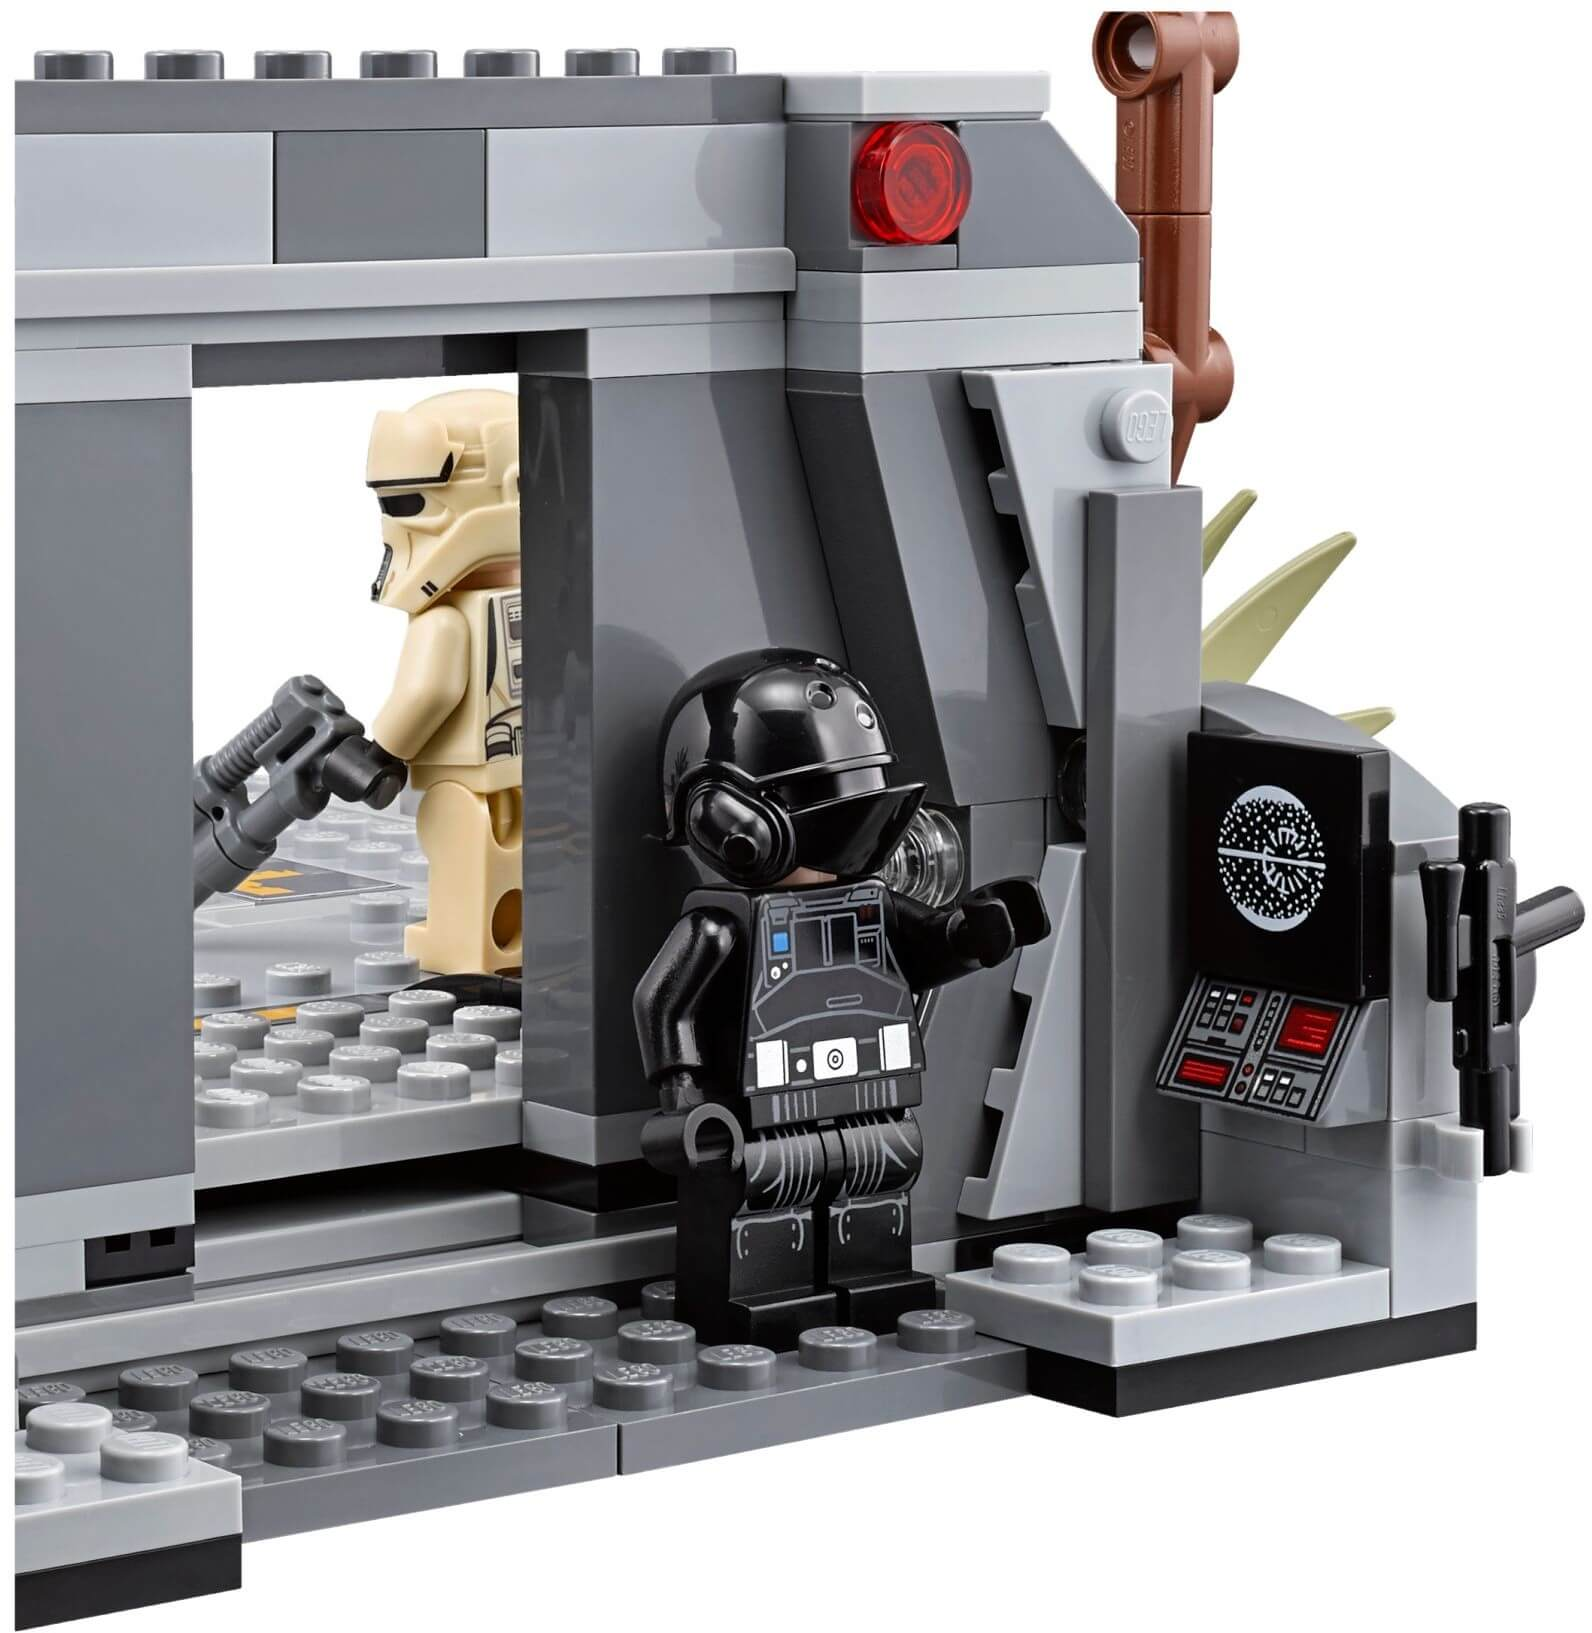 Mua đồ chơi LEGO 75171 - LEGO Star Wars 75171 - Cuộc Chiến trên Scarif (LEGO 75171 Battle on Scarif)